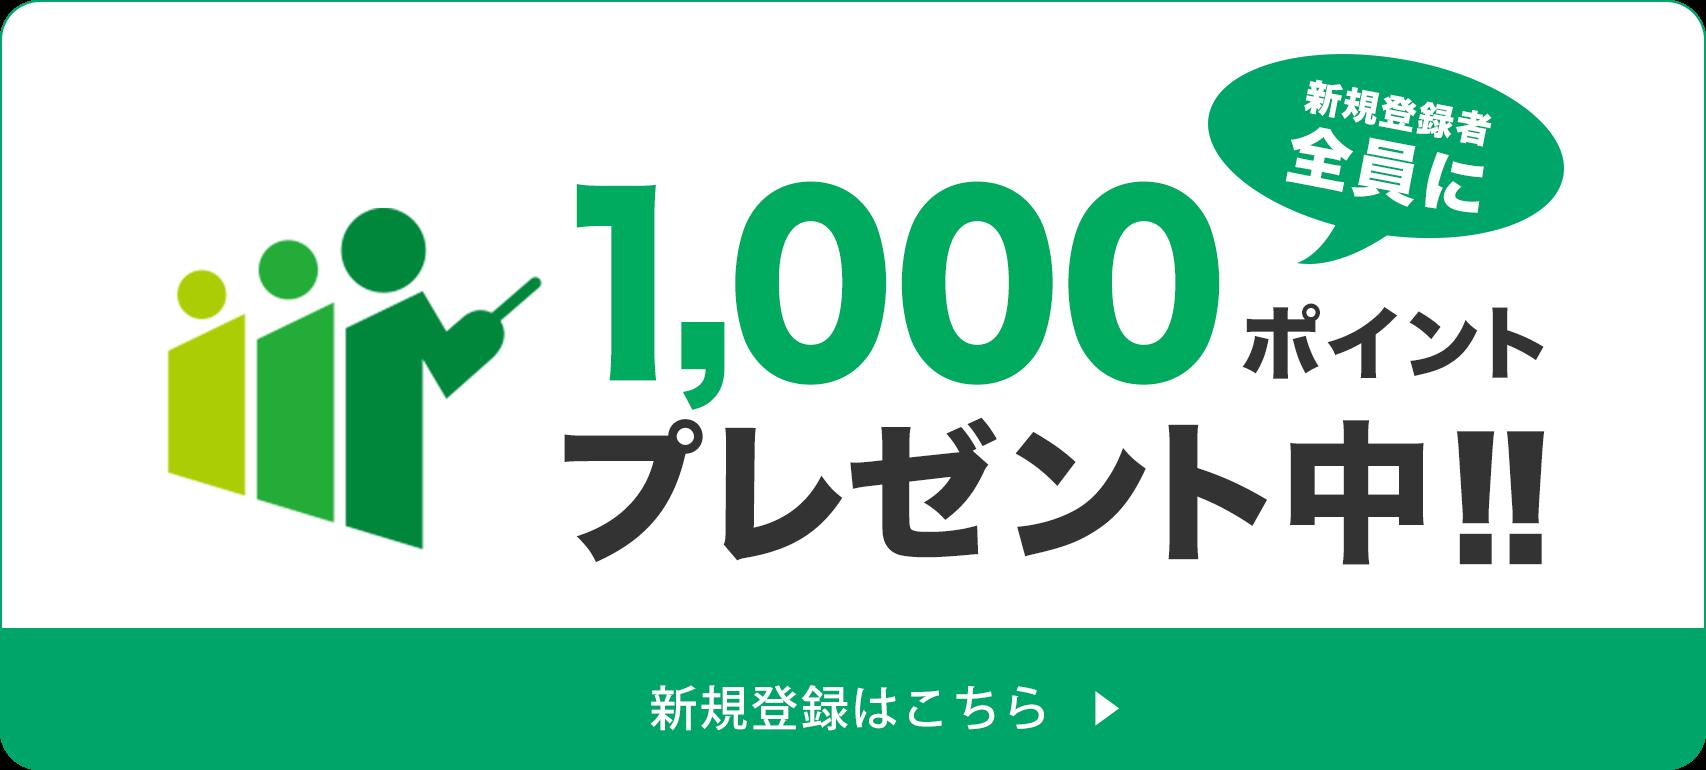 1,000ポイントプレゼント中